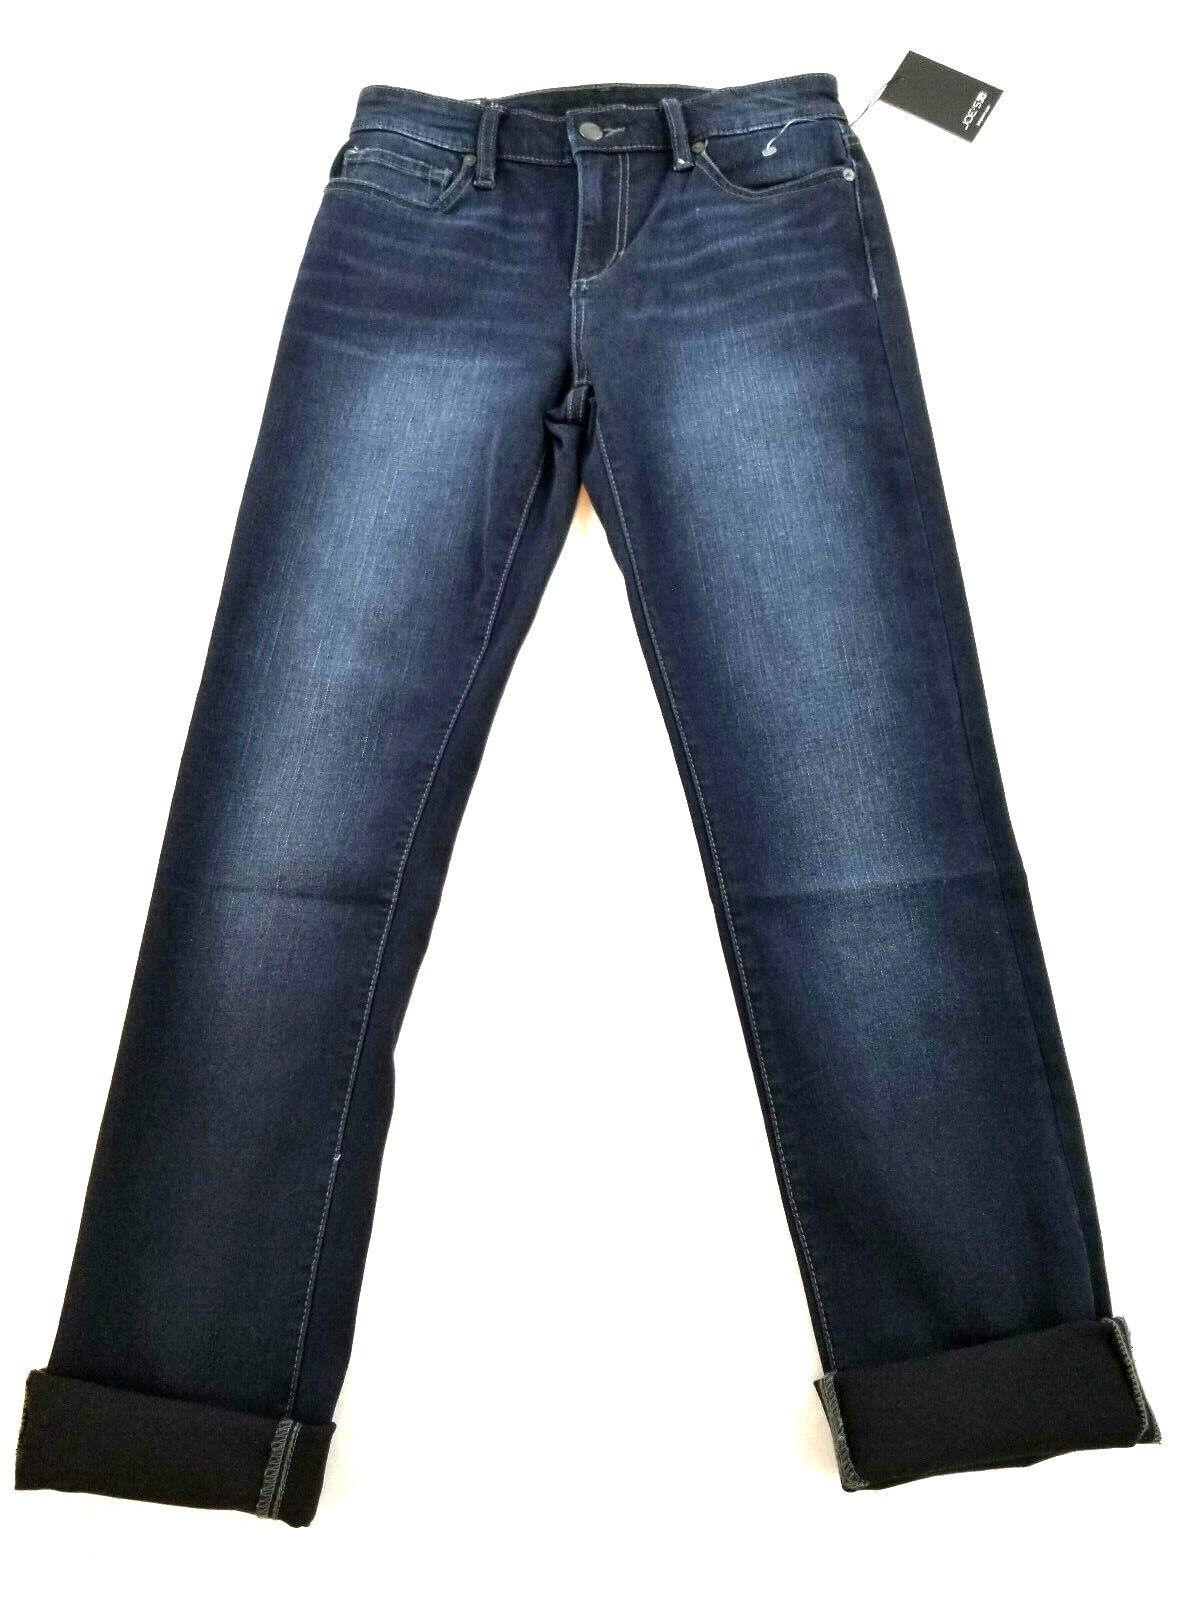 New JOE'S women jeans straight leg navy W26 MSRP